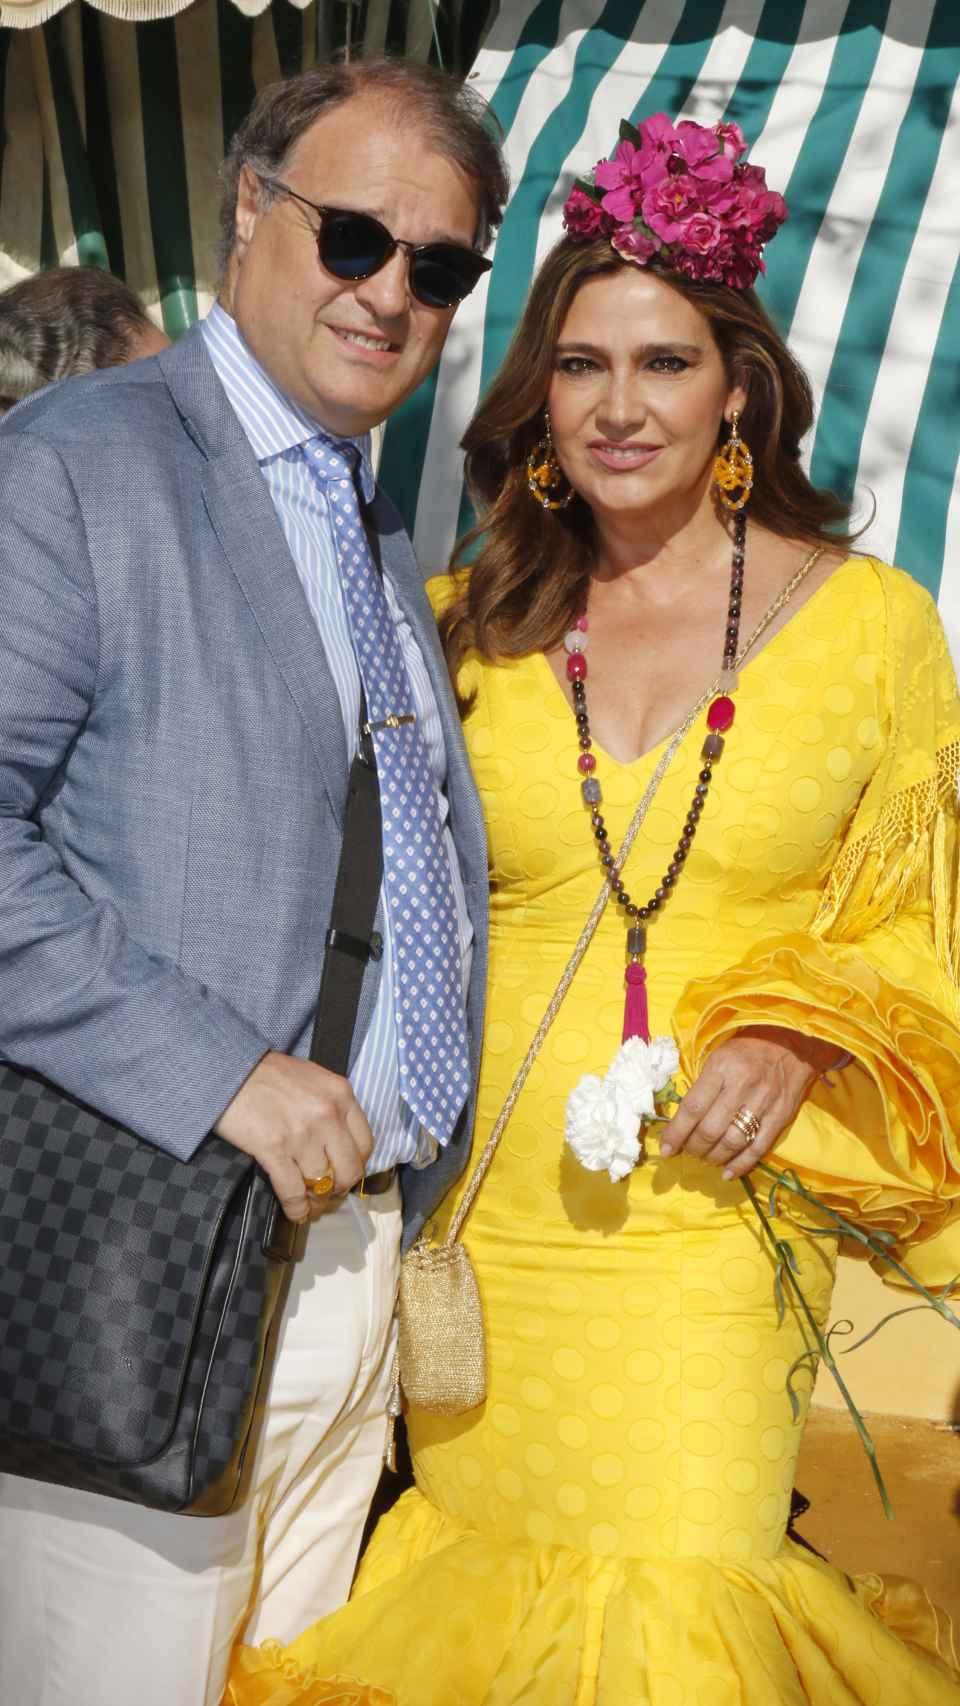 Fabio Mantegazza y Marina Danko durante la feria de abril de 2016.